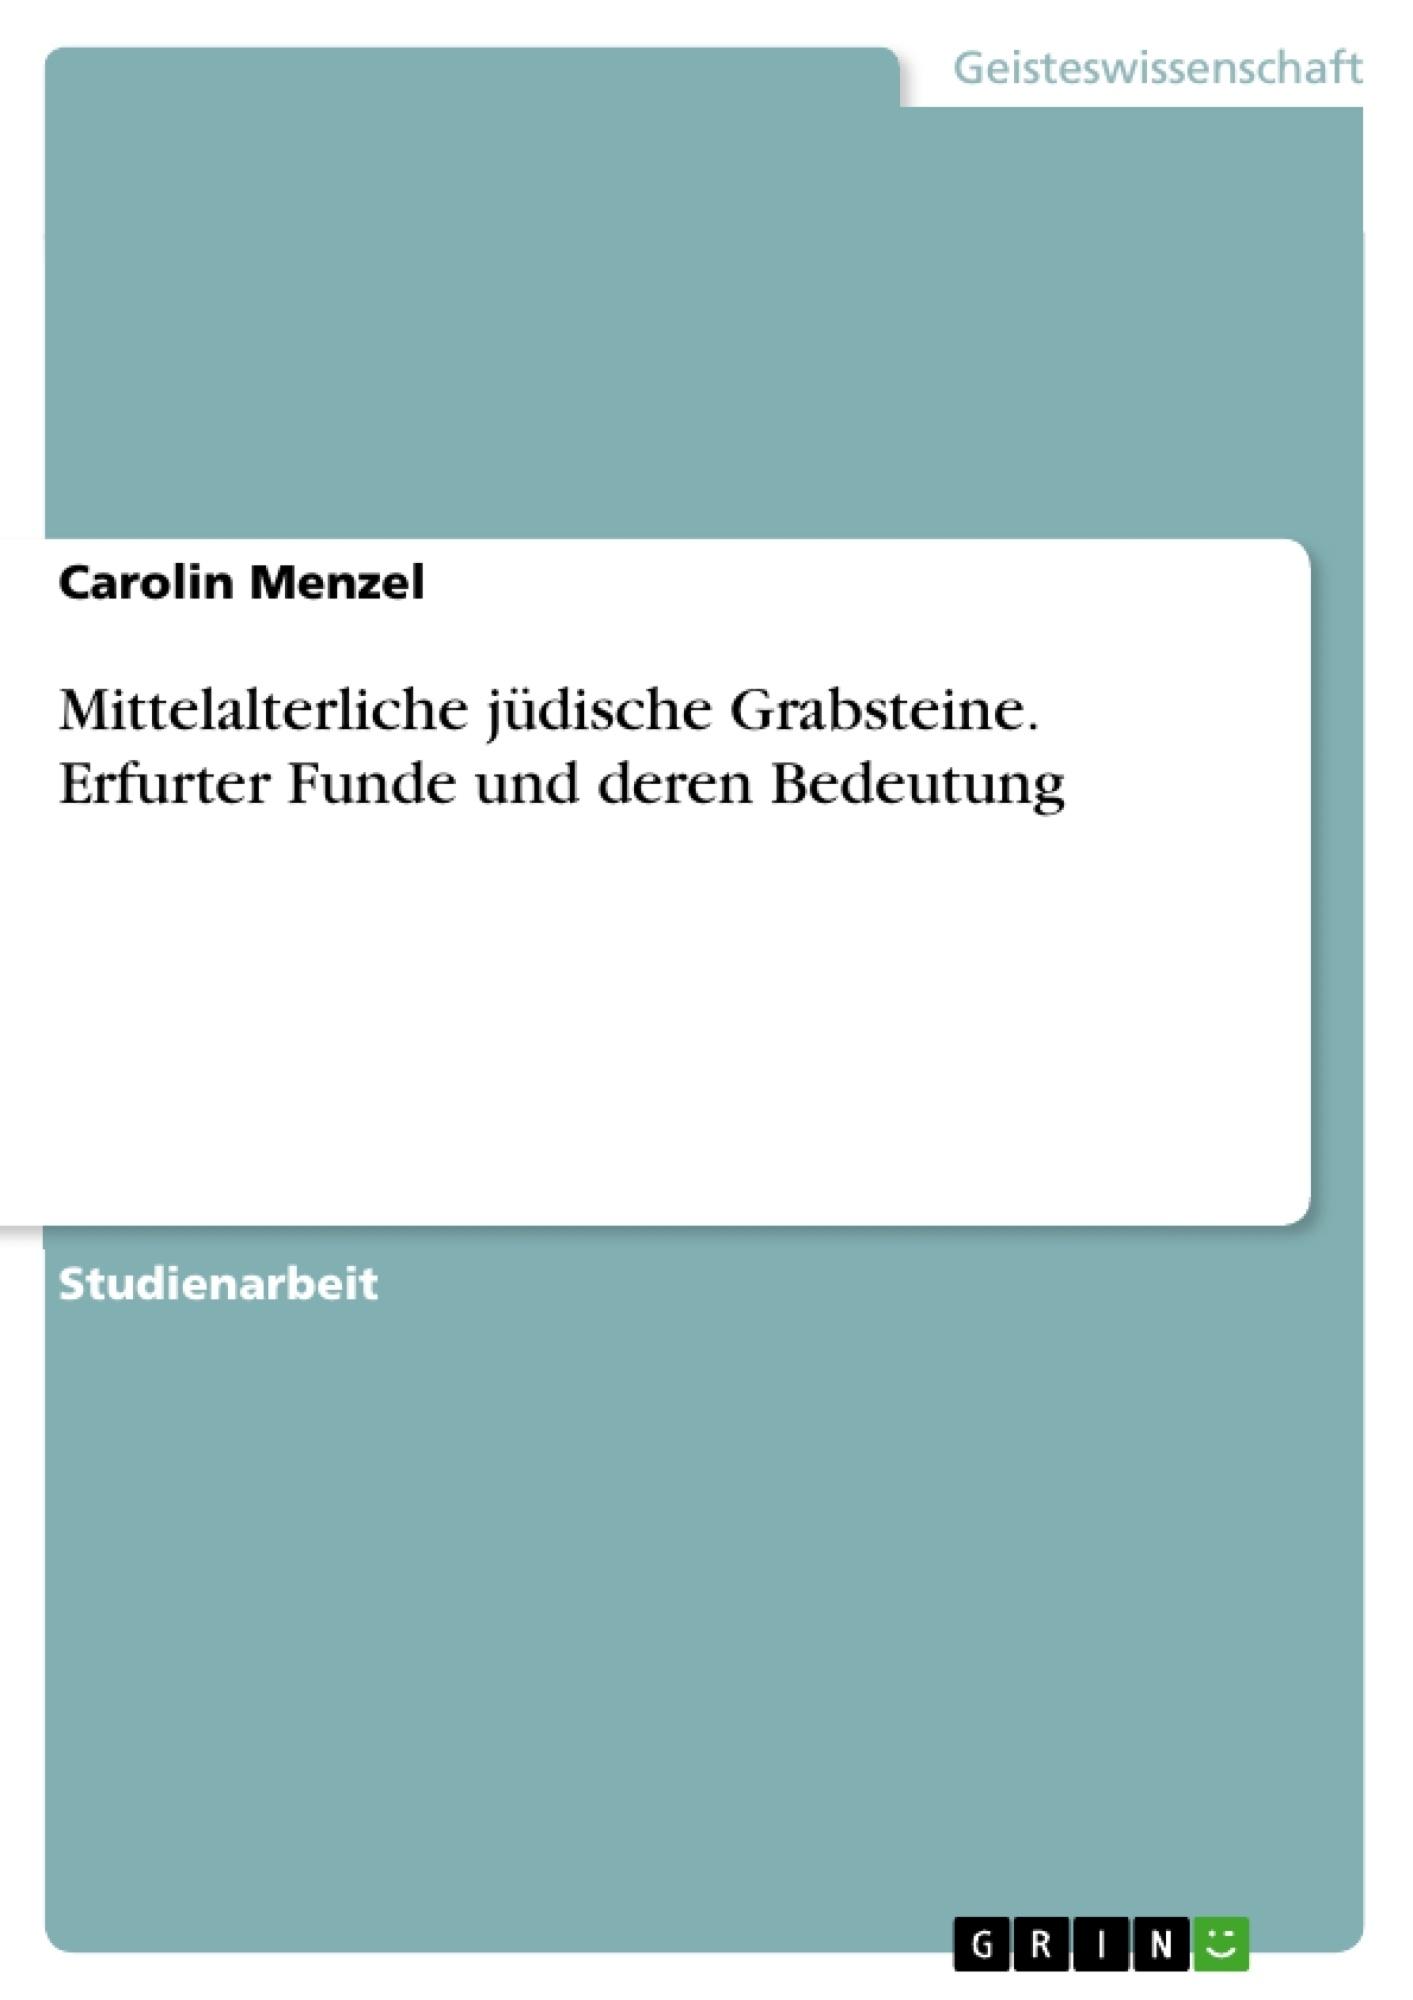 Titel: Mittelalterliche jüdische Grabsteine. Erfurter Funde und deren Bedeutung